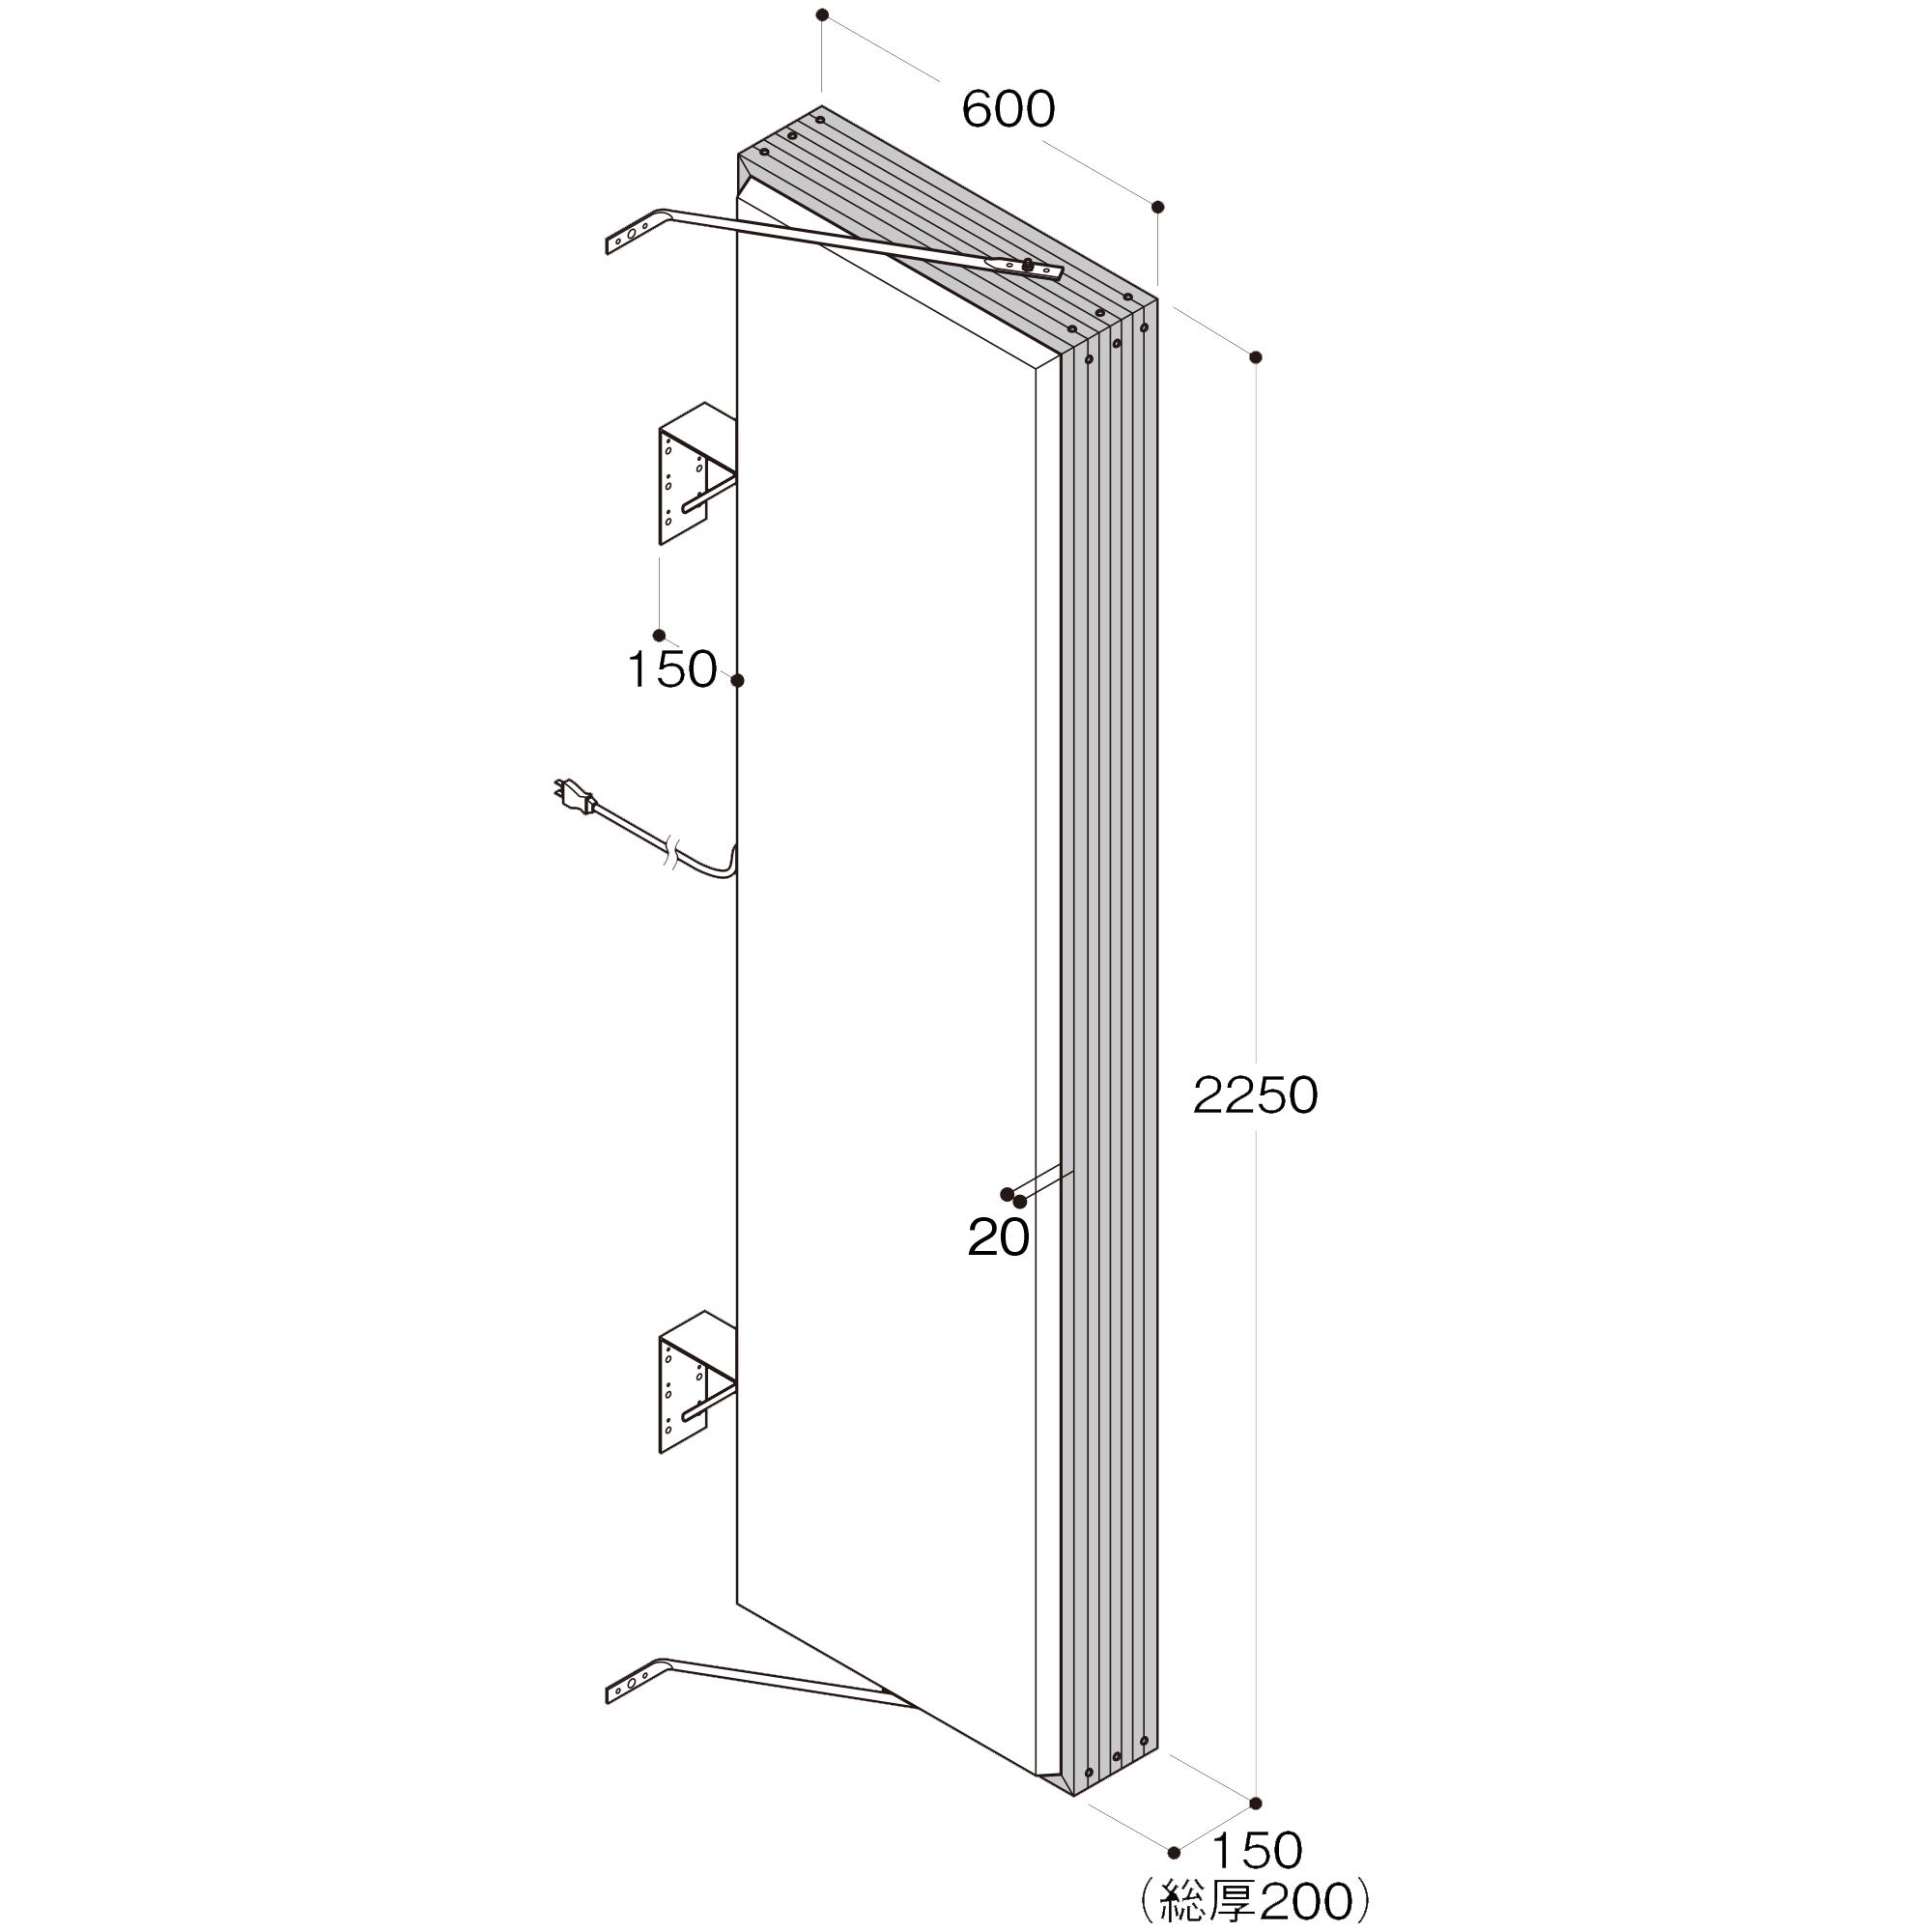 【構造図[立体]】【LED照明】アルミサイン7尺「角」突出し看板AD-7215E-LED シルバー